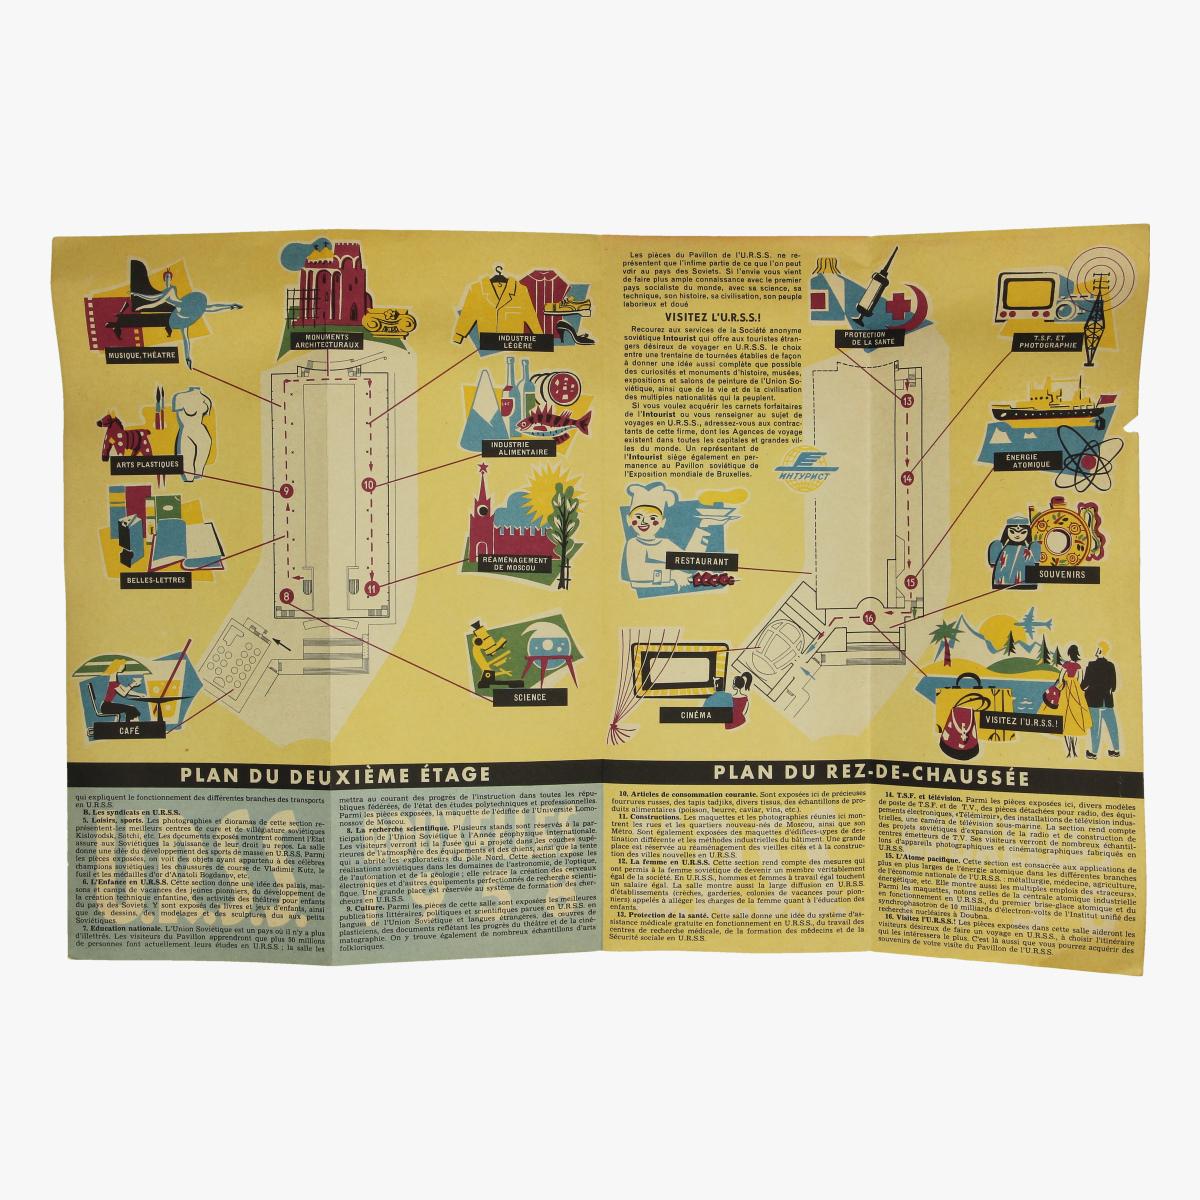 Afbeeldingen van expo 58 pavillon de l' u.r.s.s  guide